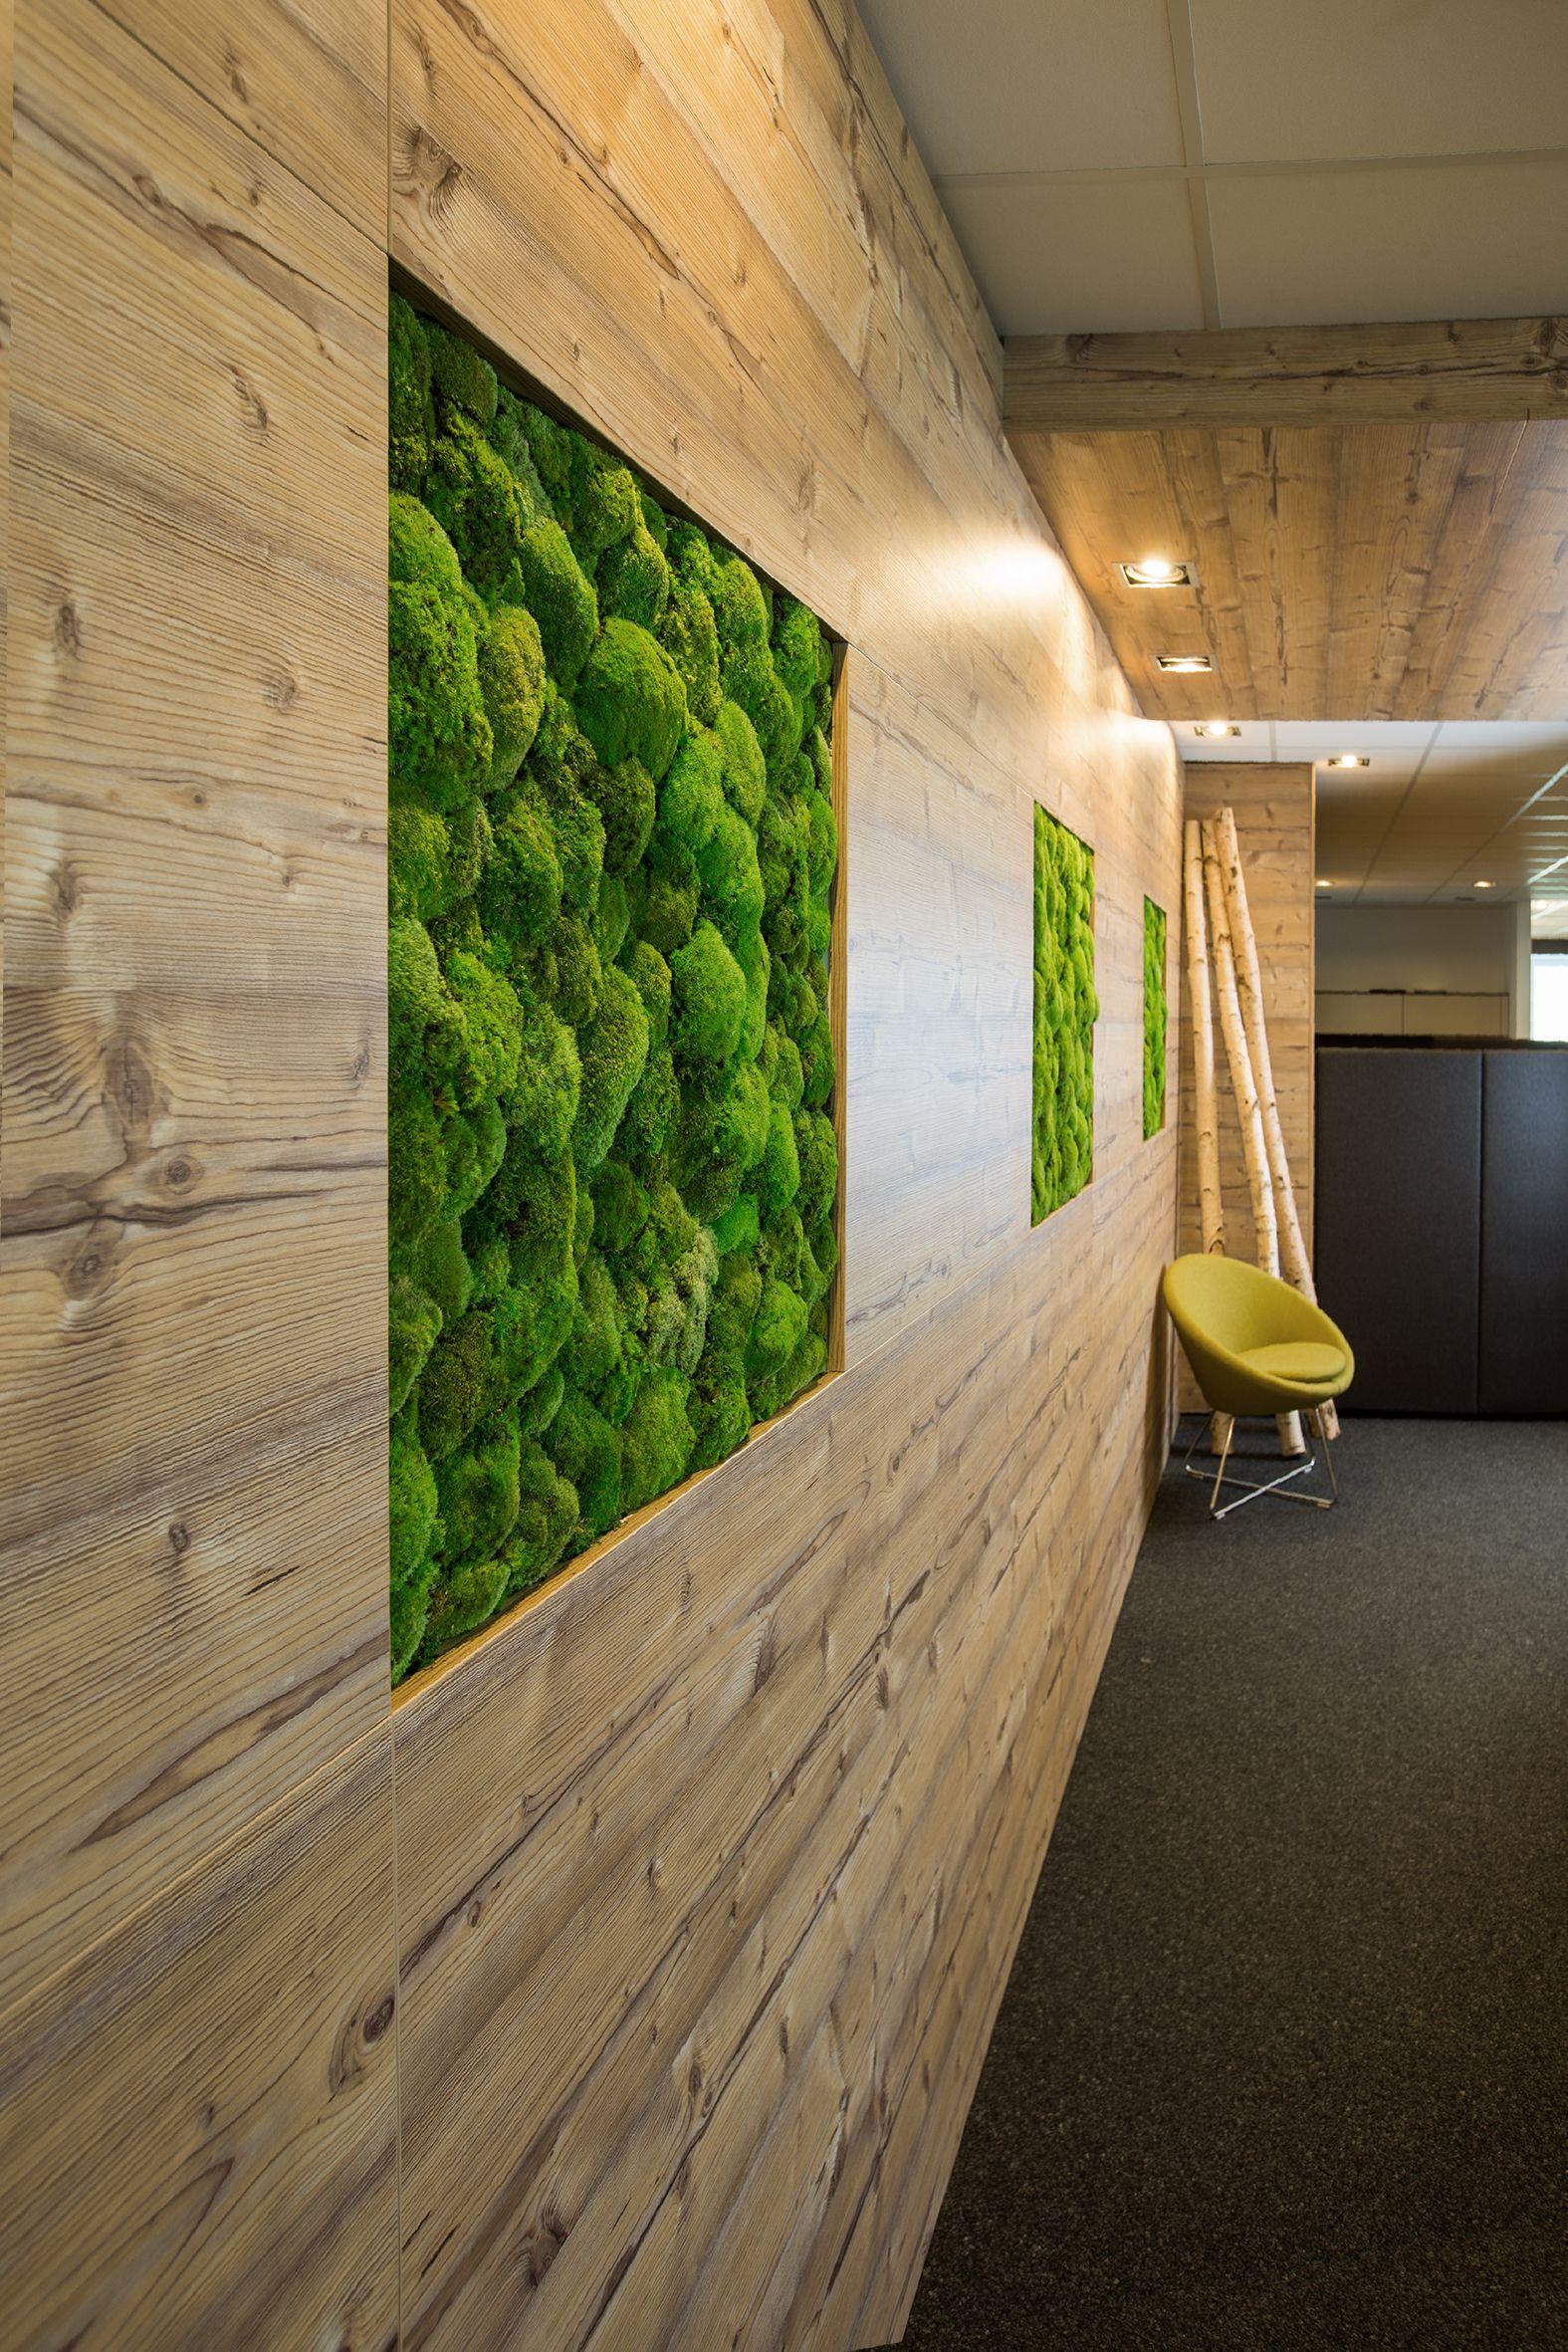 Greenery – Moos in Kombination mit Holz verleiht einen natürlichen ...